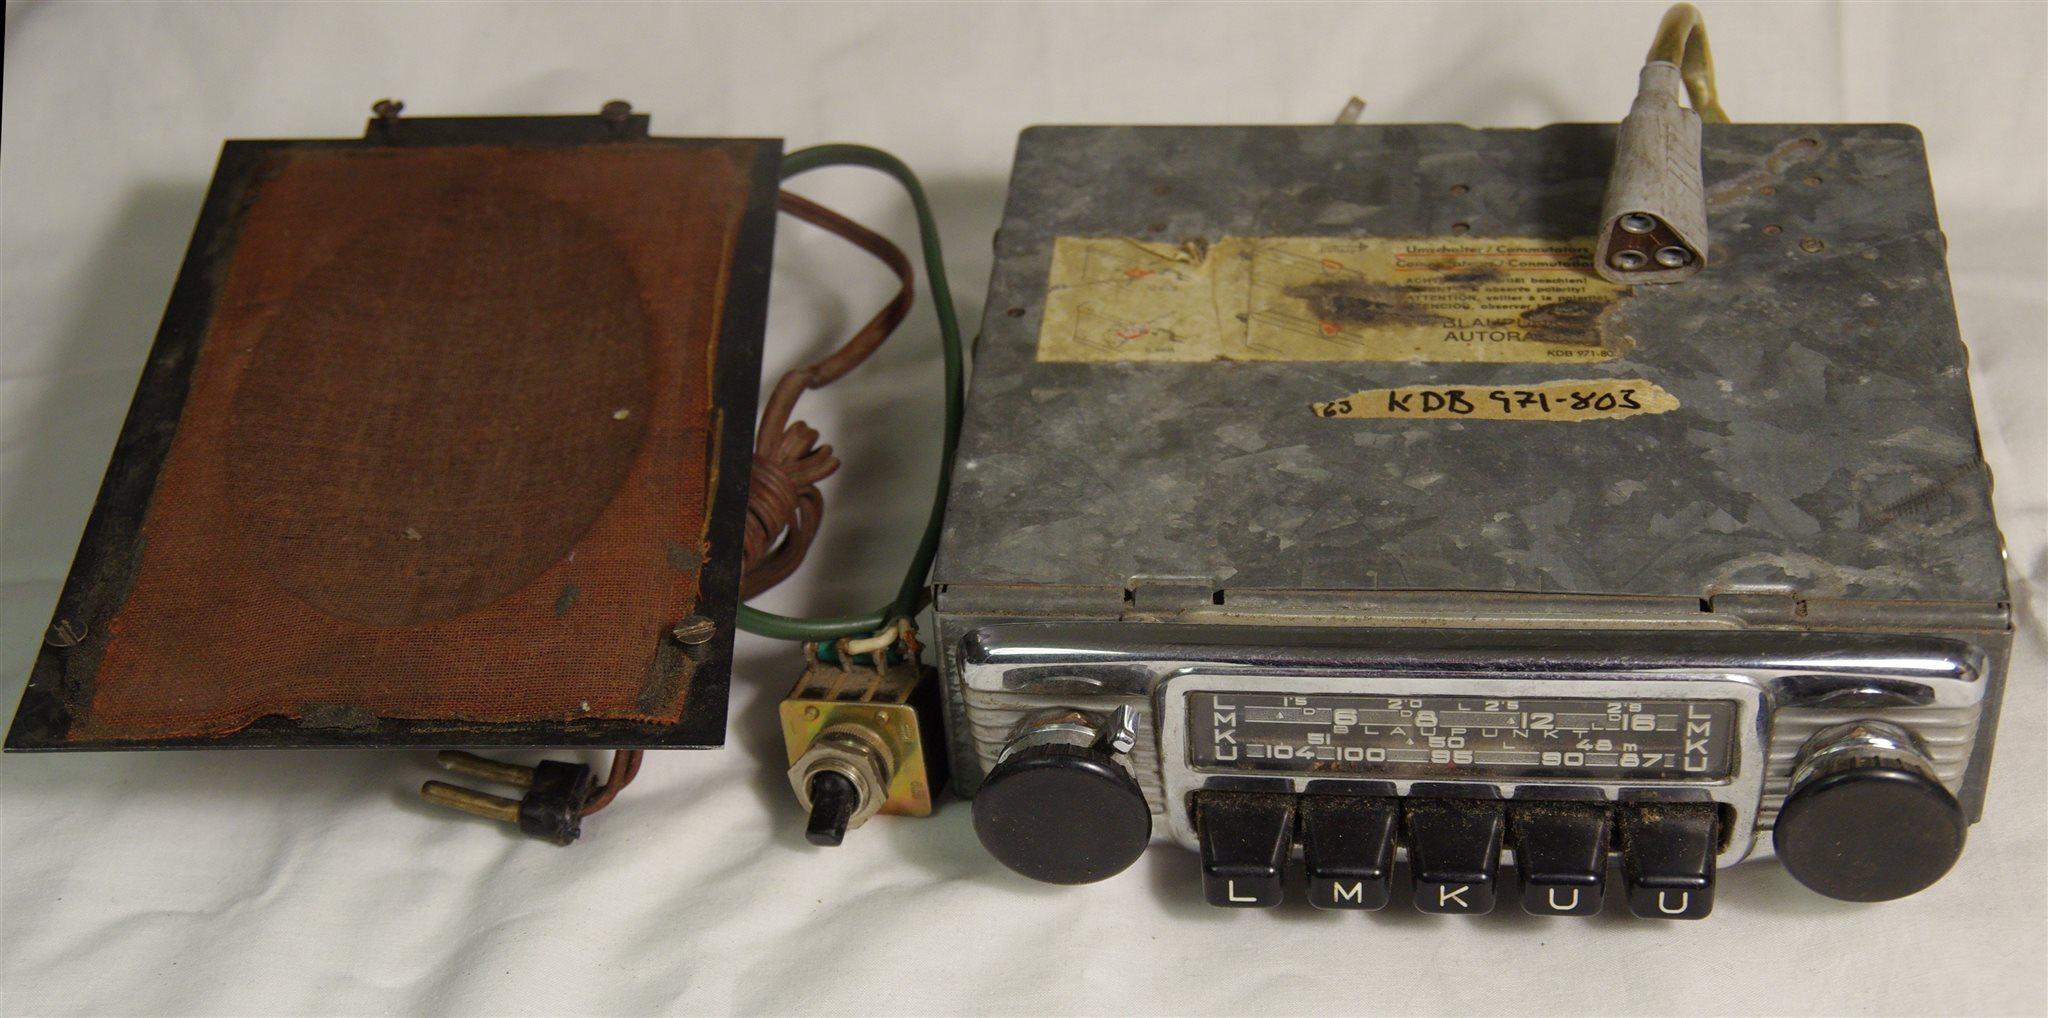 Bilradio Blaupunkt KDB 971-803 med högtalare. F.. (338950395) ᐈ Köp ... bccadbf5b6125